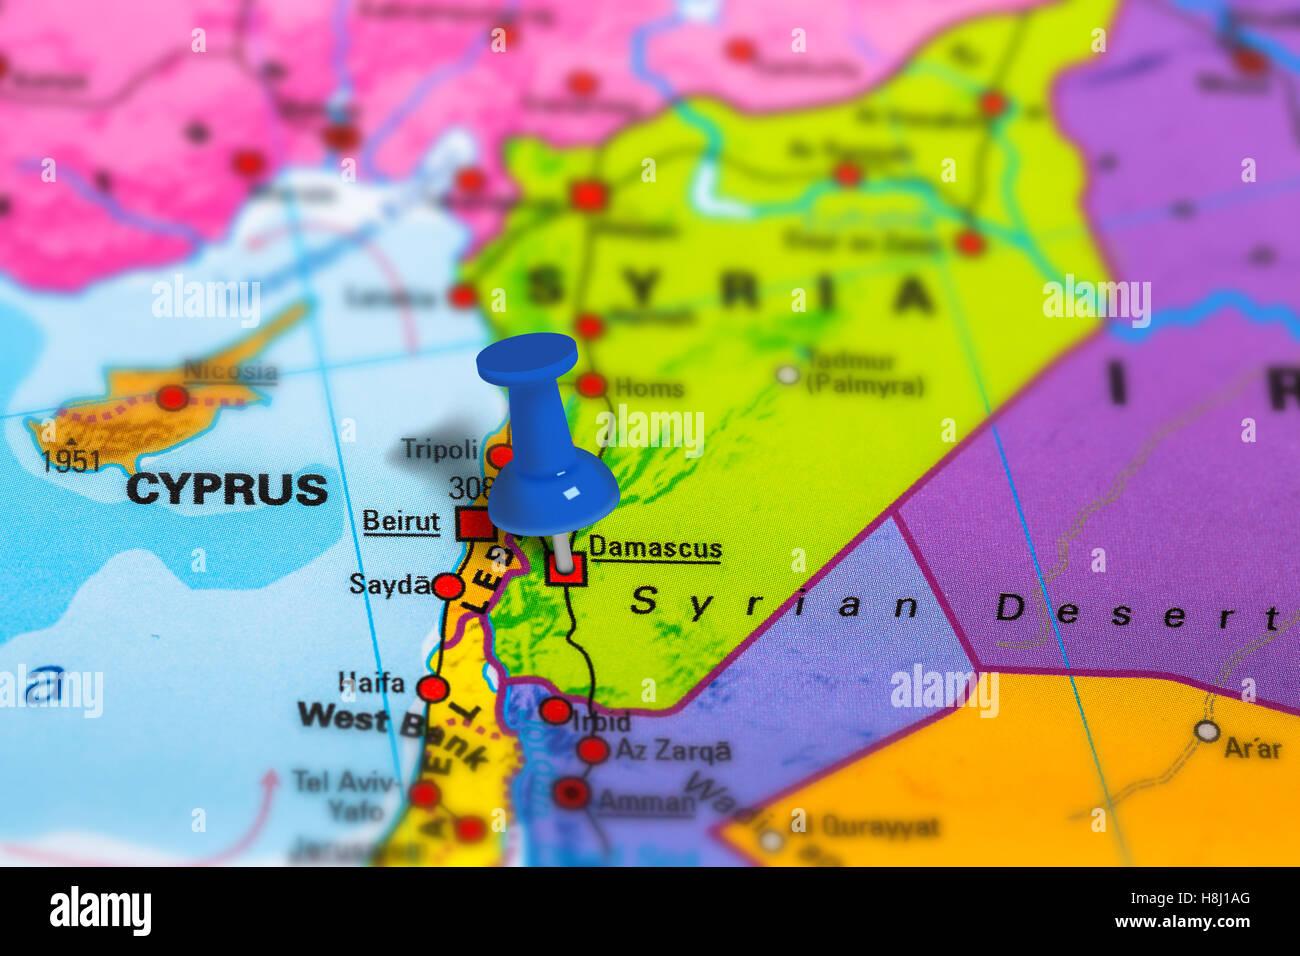 Damascus Syria map Stock Photo: 125786040 - Alamy on libya map, umayyad mosque, medina map, sanaa map, amman map, constantinople map, asma al-assad, belgrade map, bashar al-assad, jordan map, aleppo map, ankara map, sinai peninsula map, syria map, euphrates river map, canaan map, muscat map, tyre map, beirut on a map, mecca map, jerusalem map, iraq map, persia map,